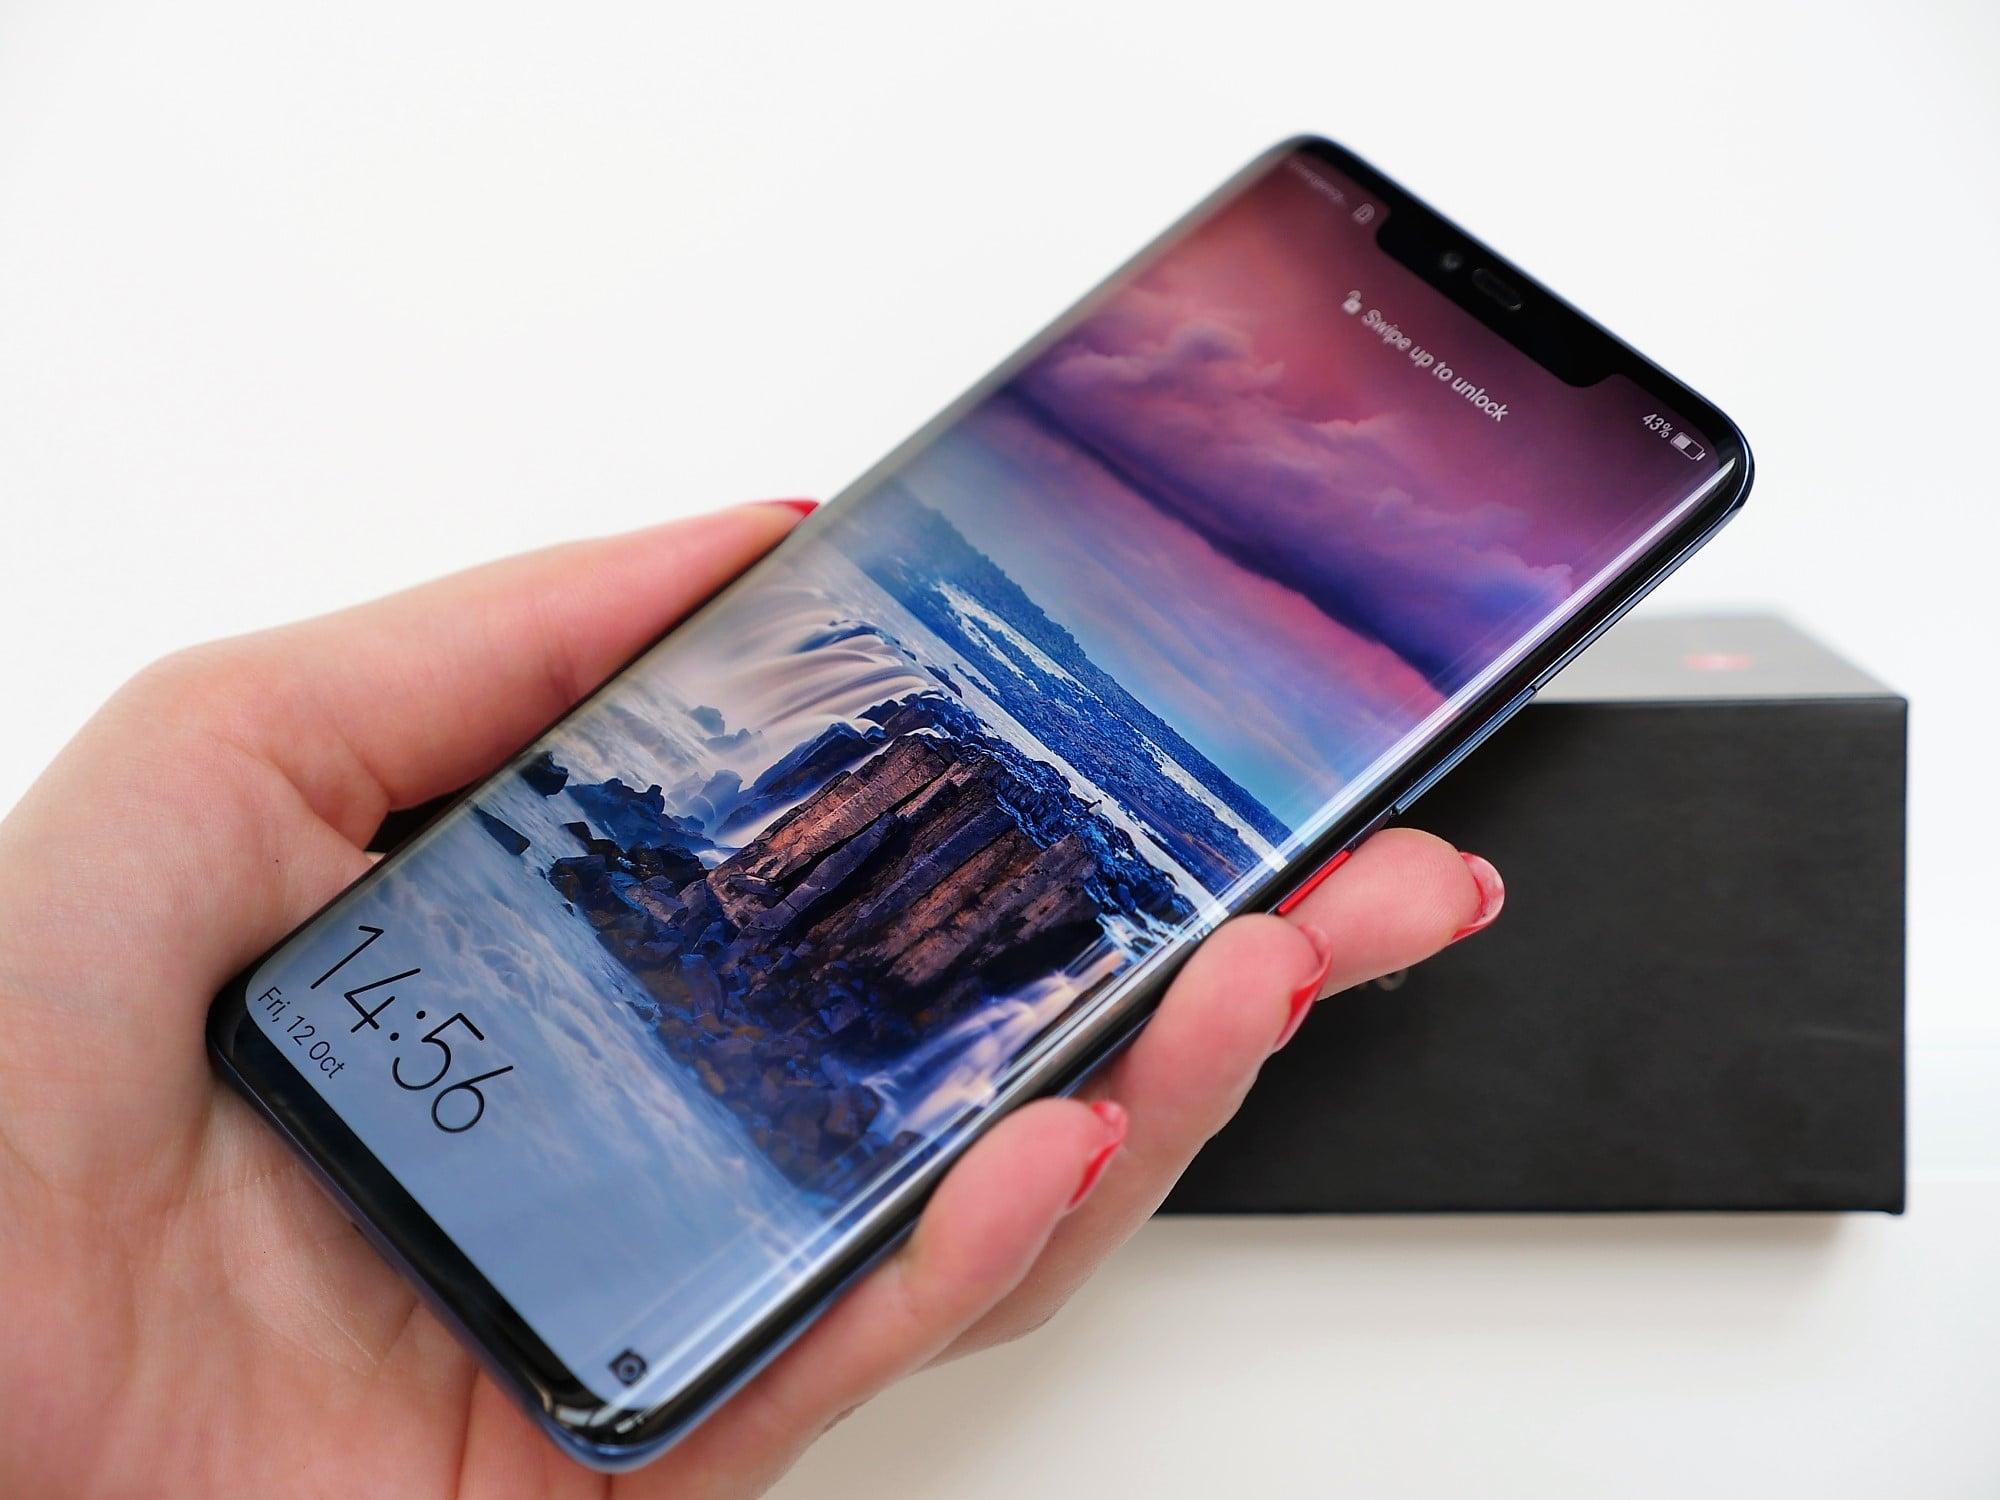 Huawei Mate 20 Pro - ultraszeroki kąt w aparacie, indukcyjne ładowanie, czytnik w (zakrzywionym) ekranie i wiele więcej. Pierwsze wrażenia 22